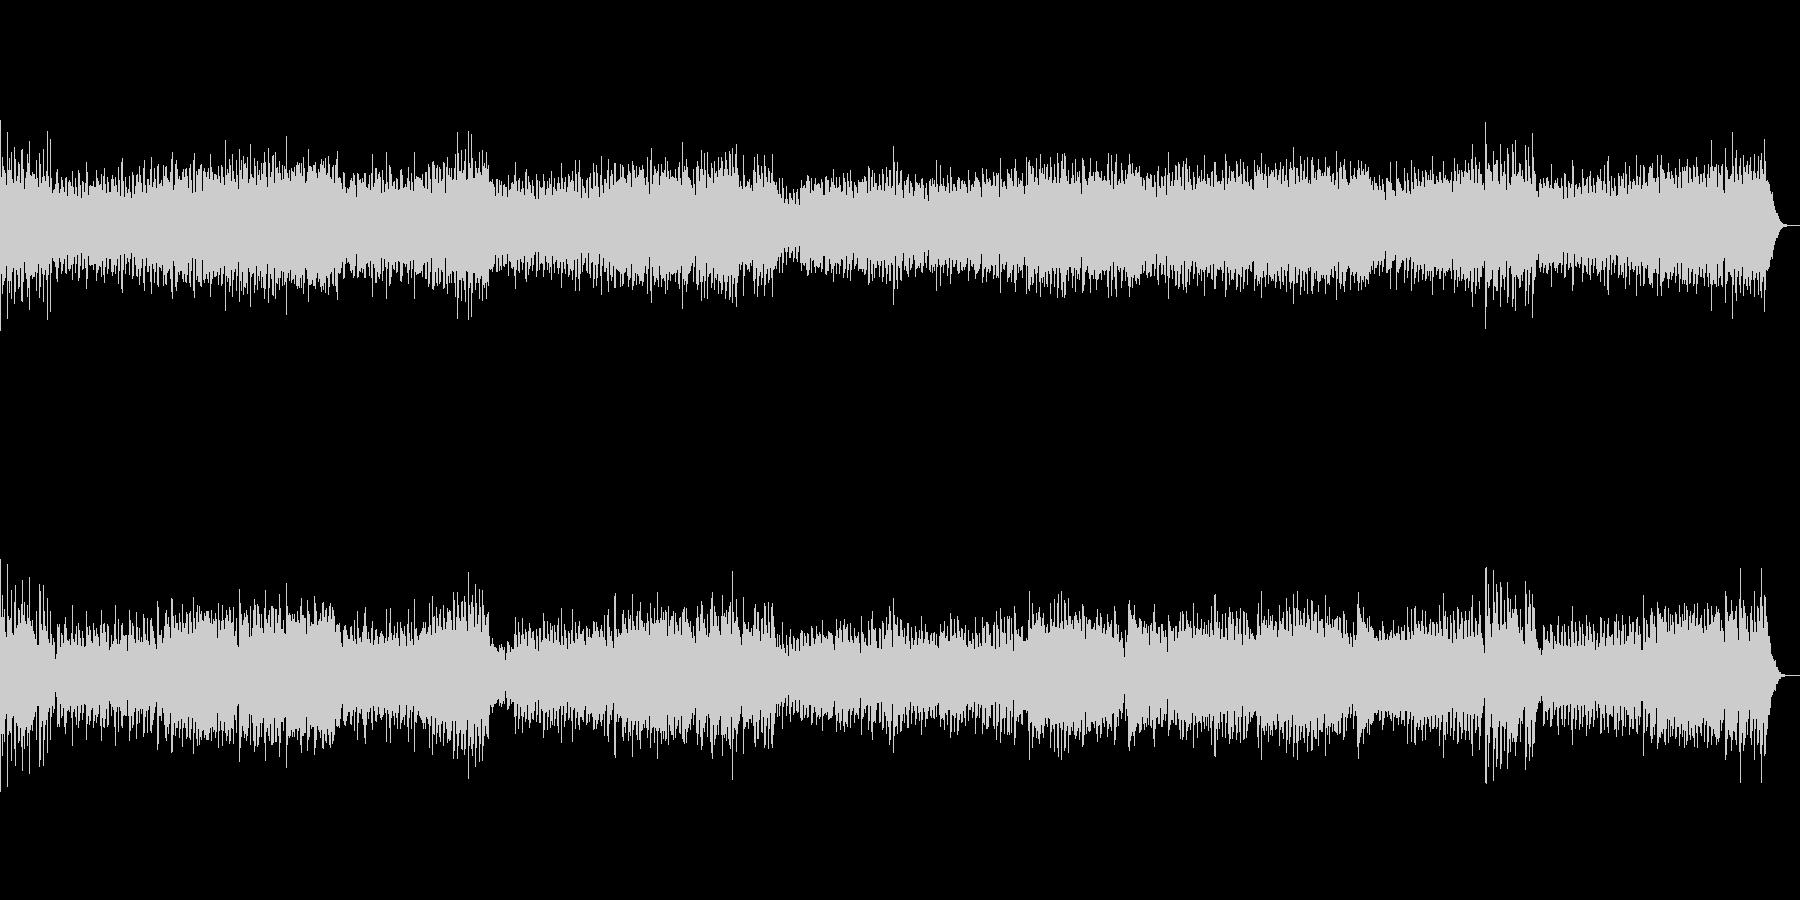 ラデツキー行進曲の未再生の波形